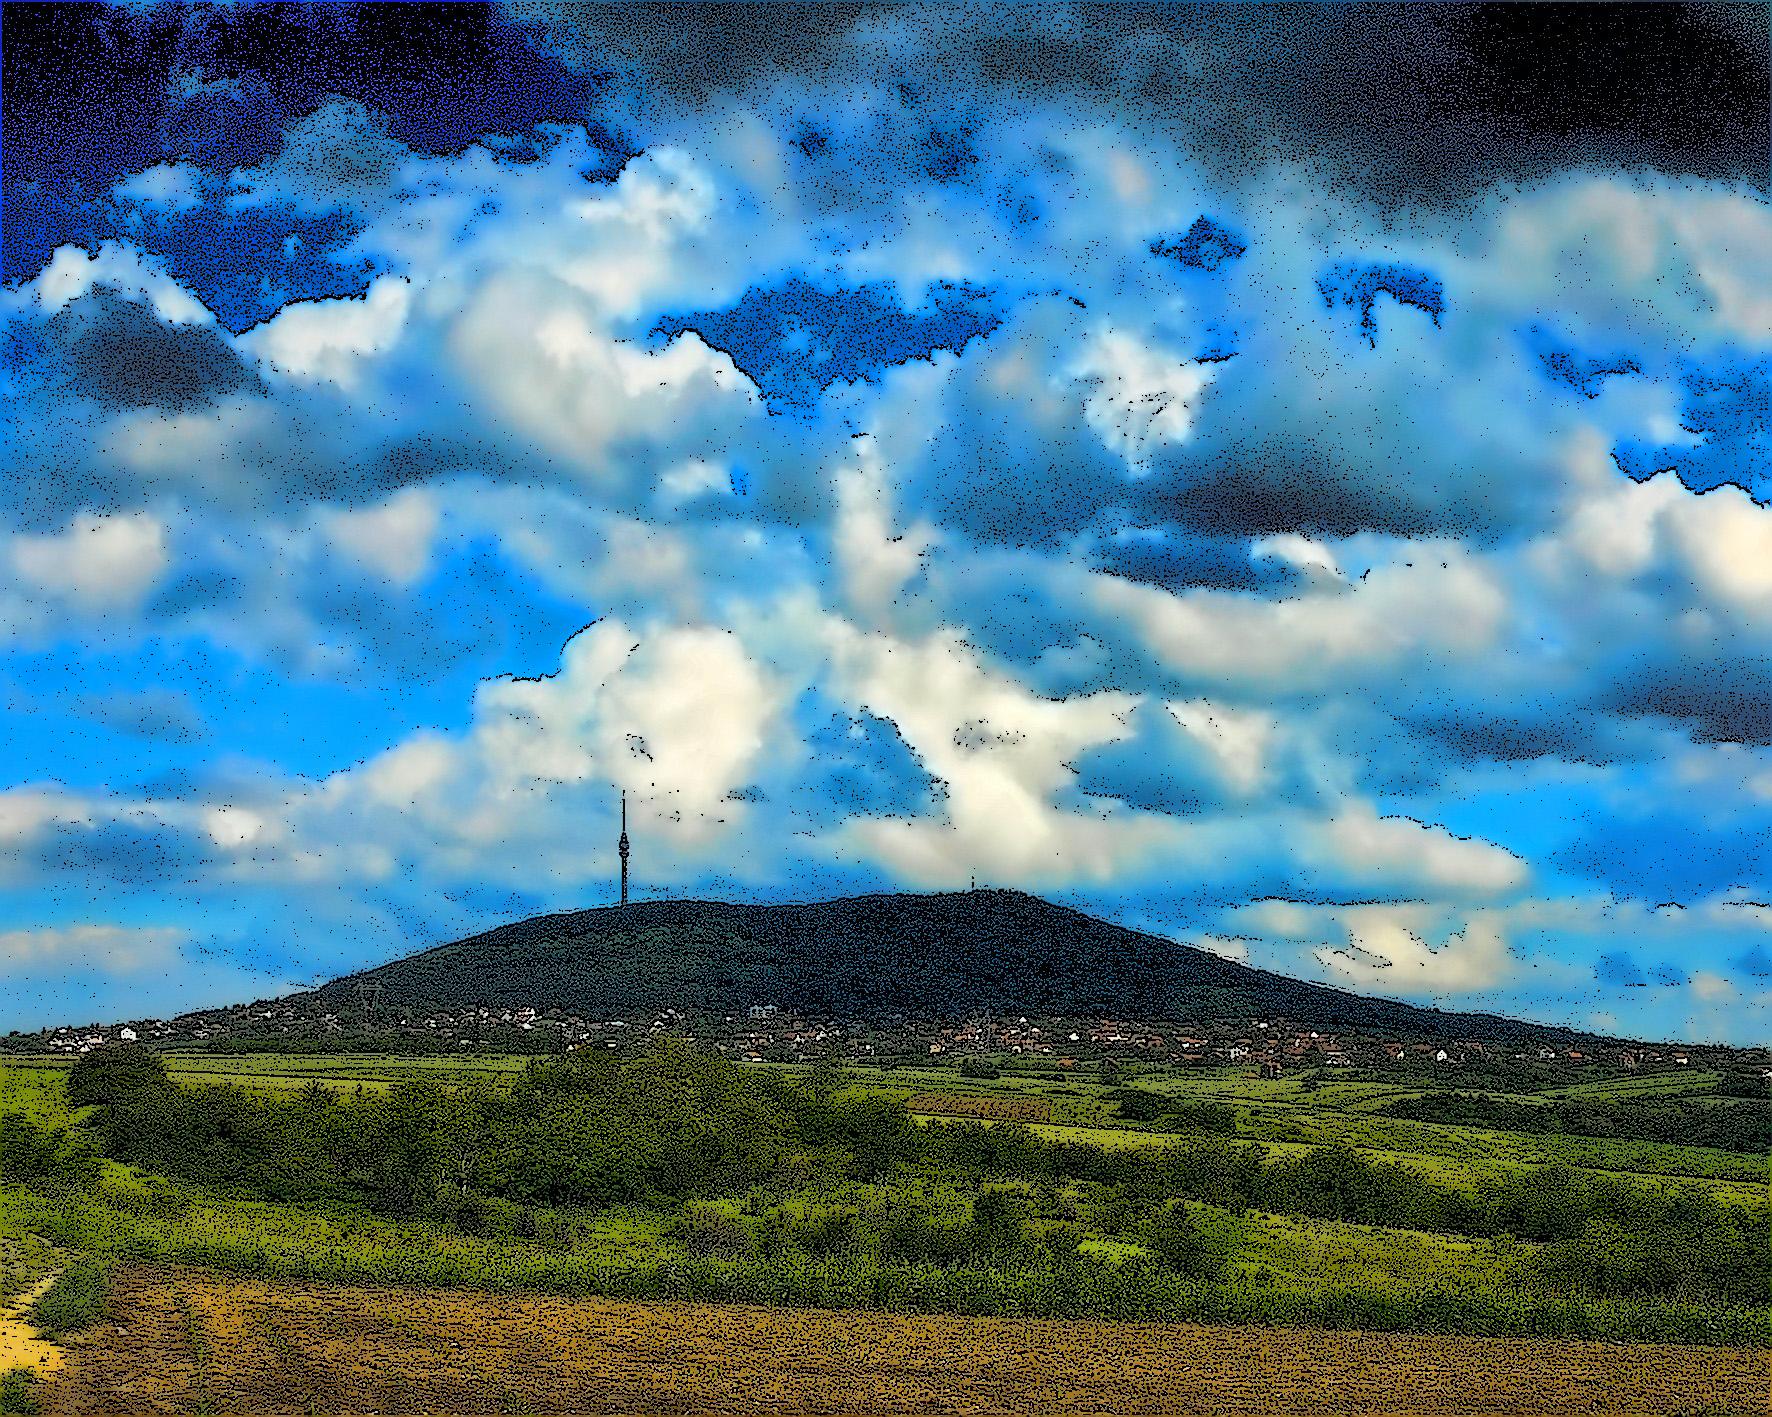 Авала! Планина крај Београда. Планина коју је волела и поштовала једна од најстаријих култура – Винчанска.